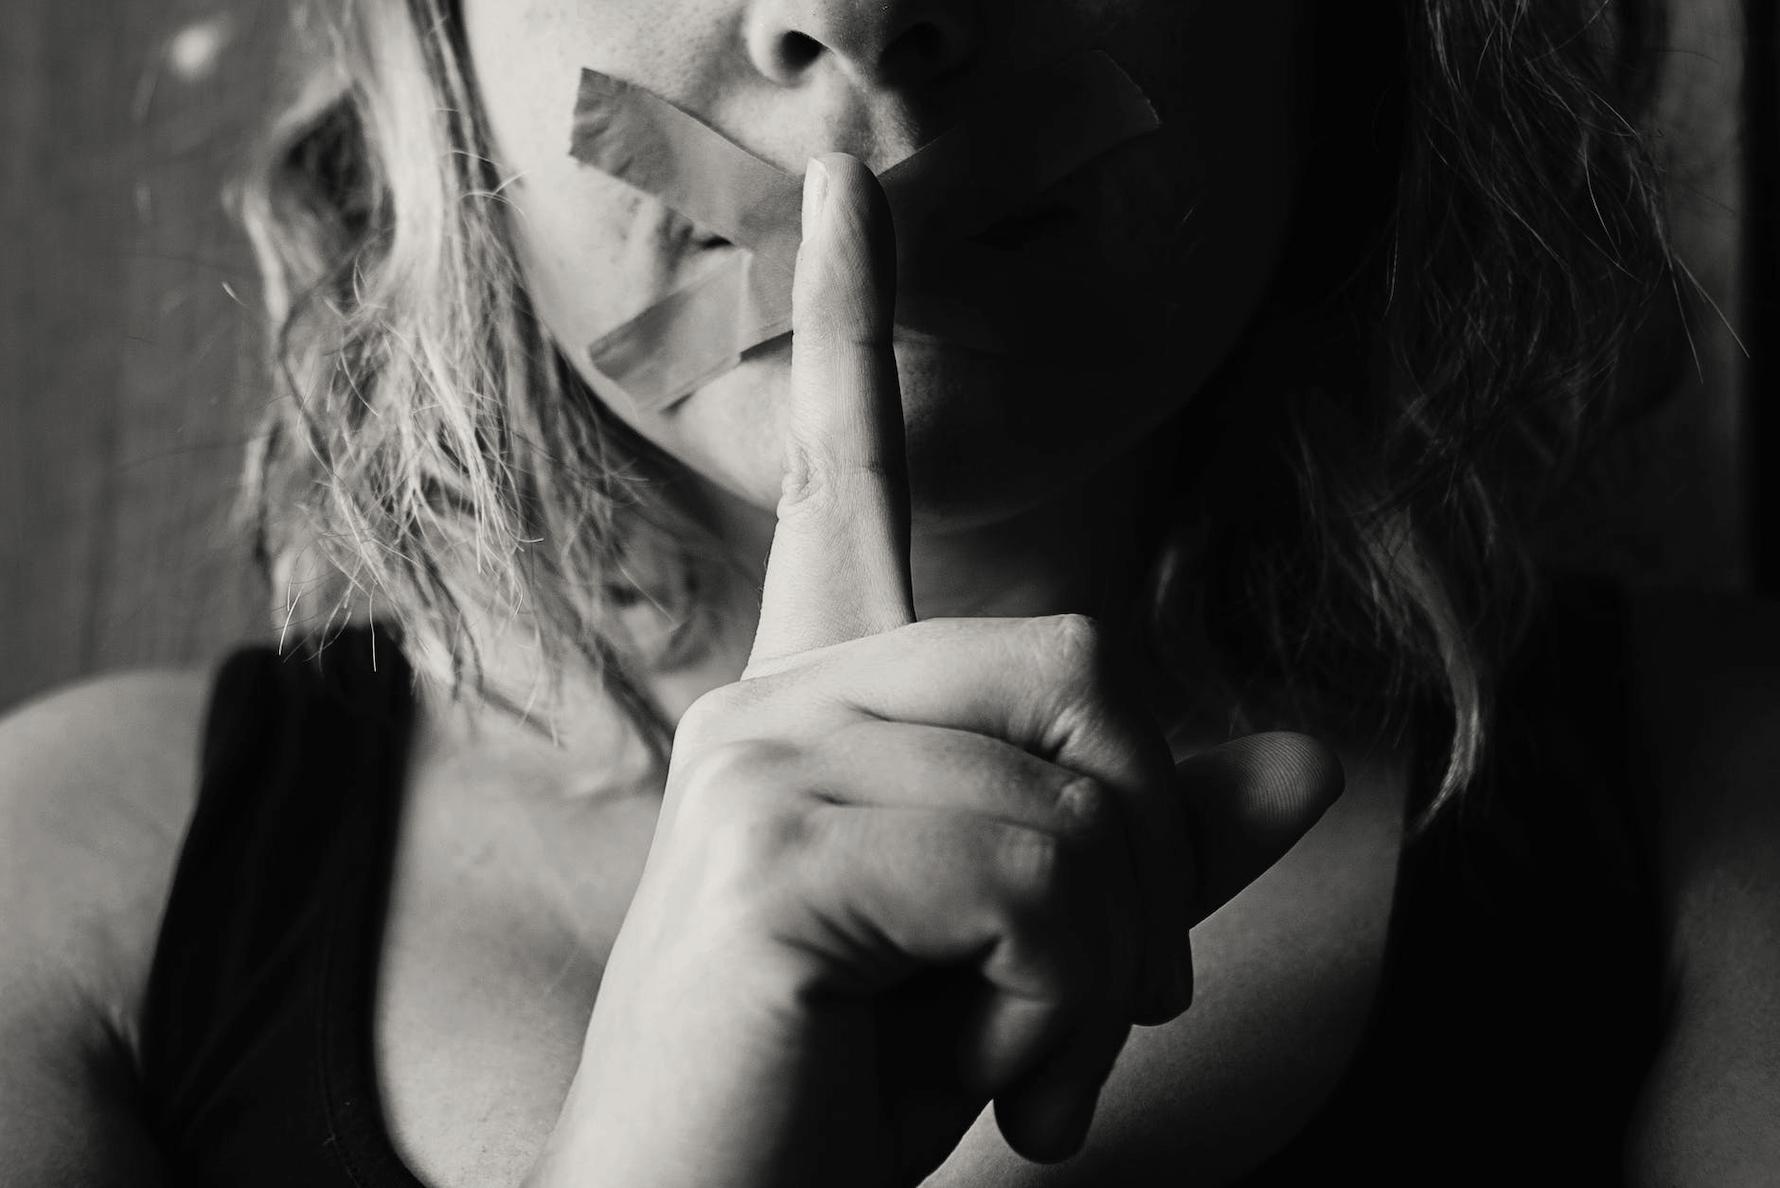 職場升官潛規則?權勢性交就是性侵害!